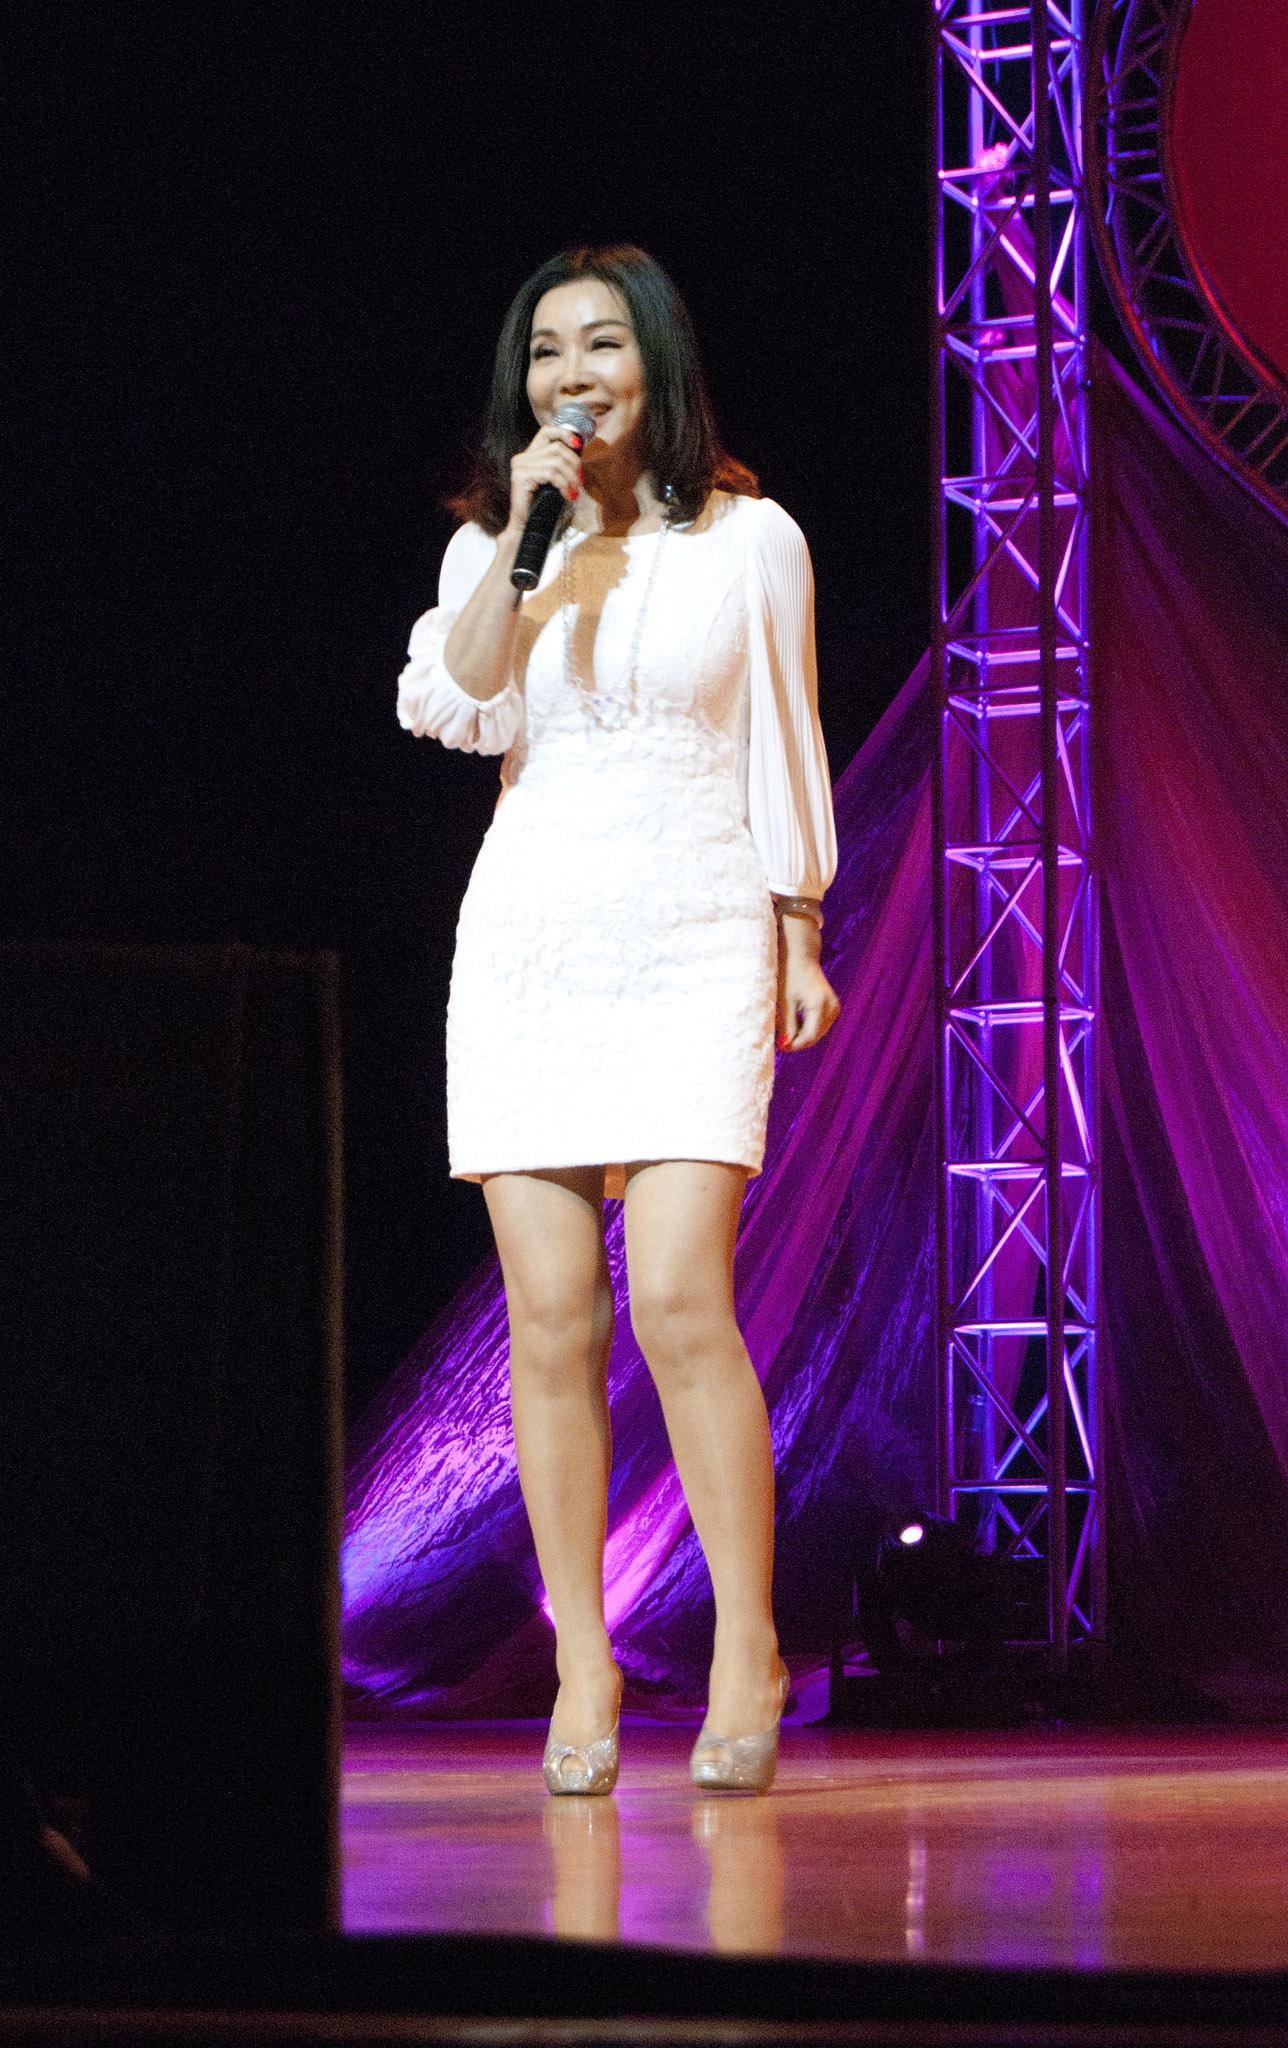 演唱會壓軸陳美鳳,帶來一連串動人歌曲,還教大家如何維持年輕美麗的養生之道。